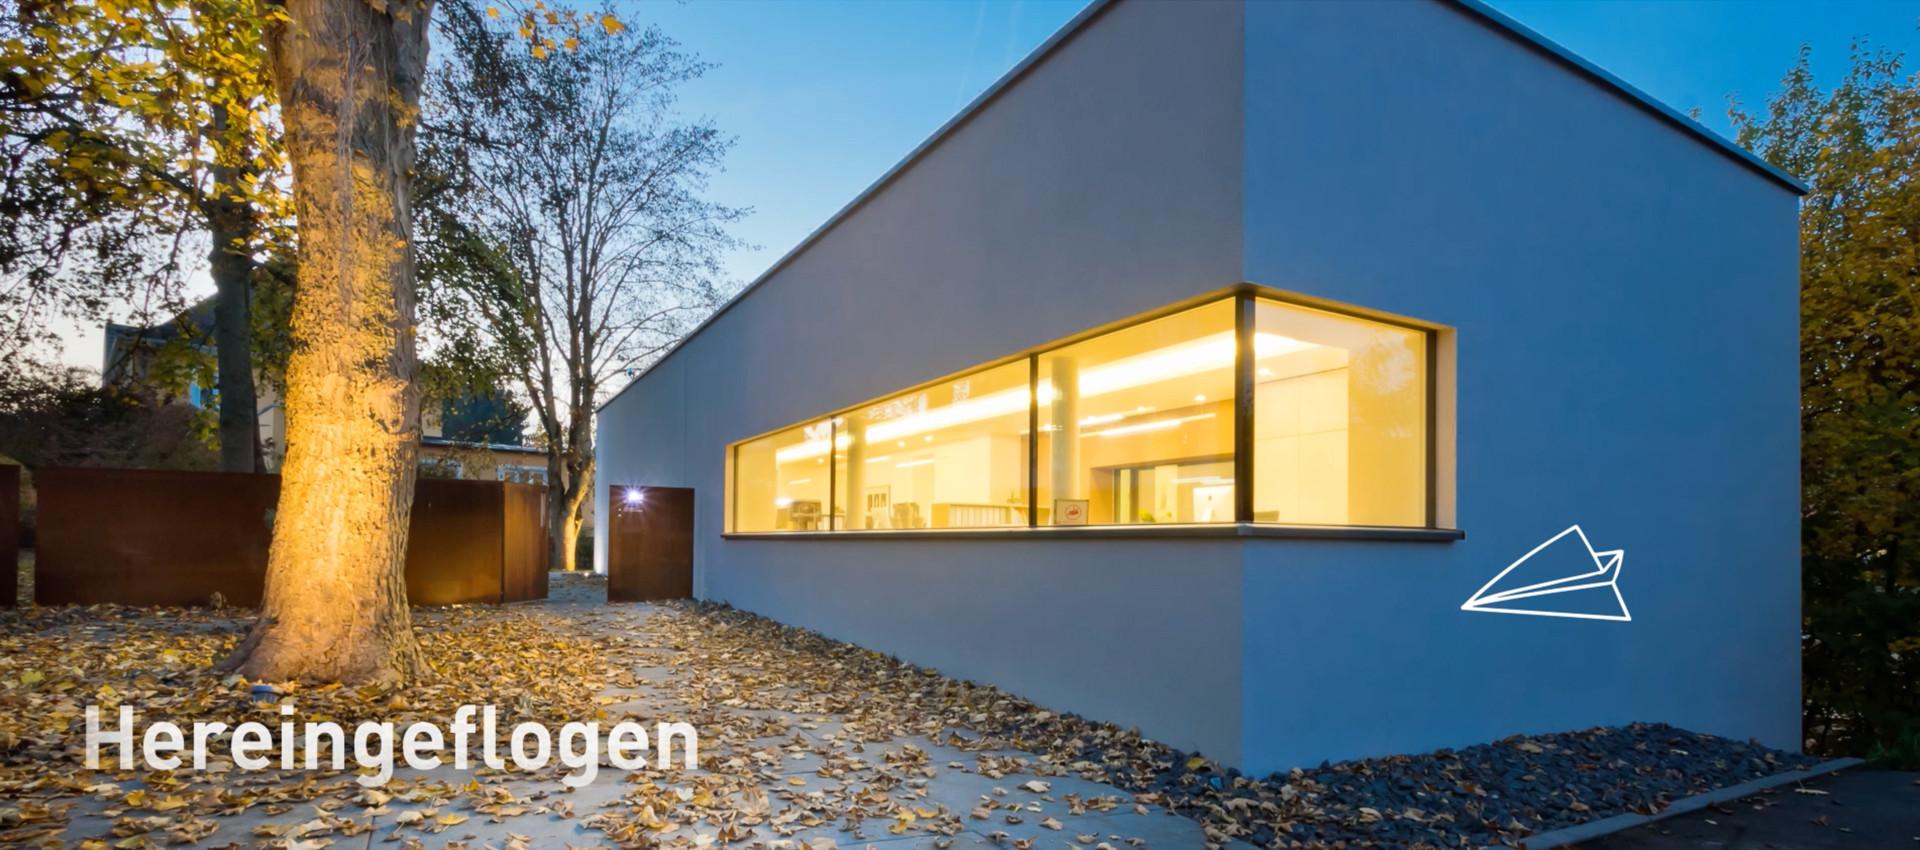 Werbeagentur Hauer-Heinrich GmbH